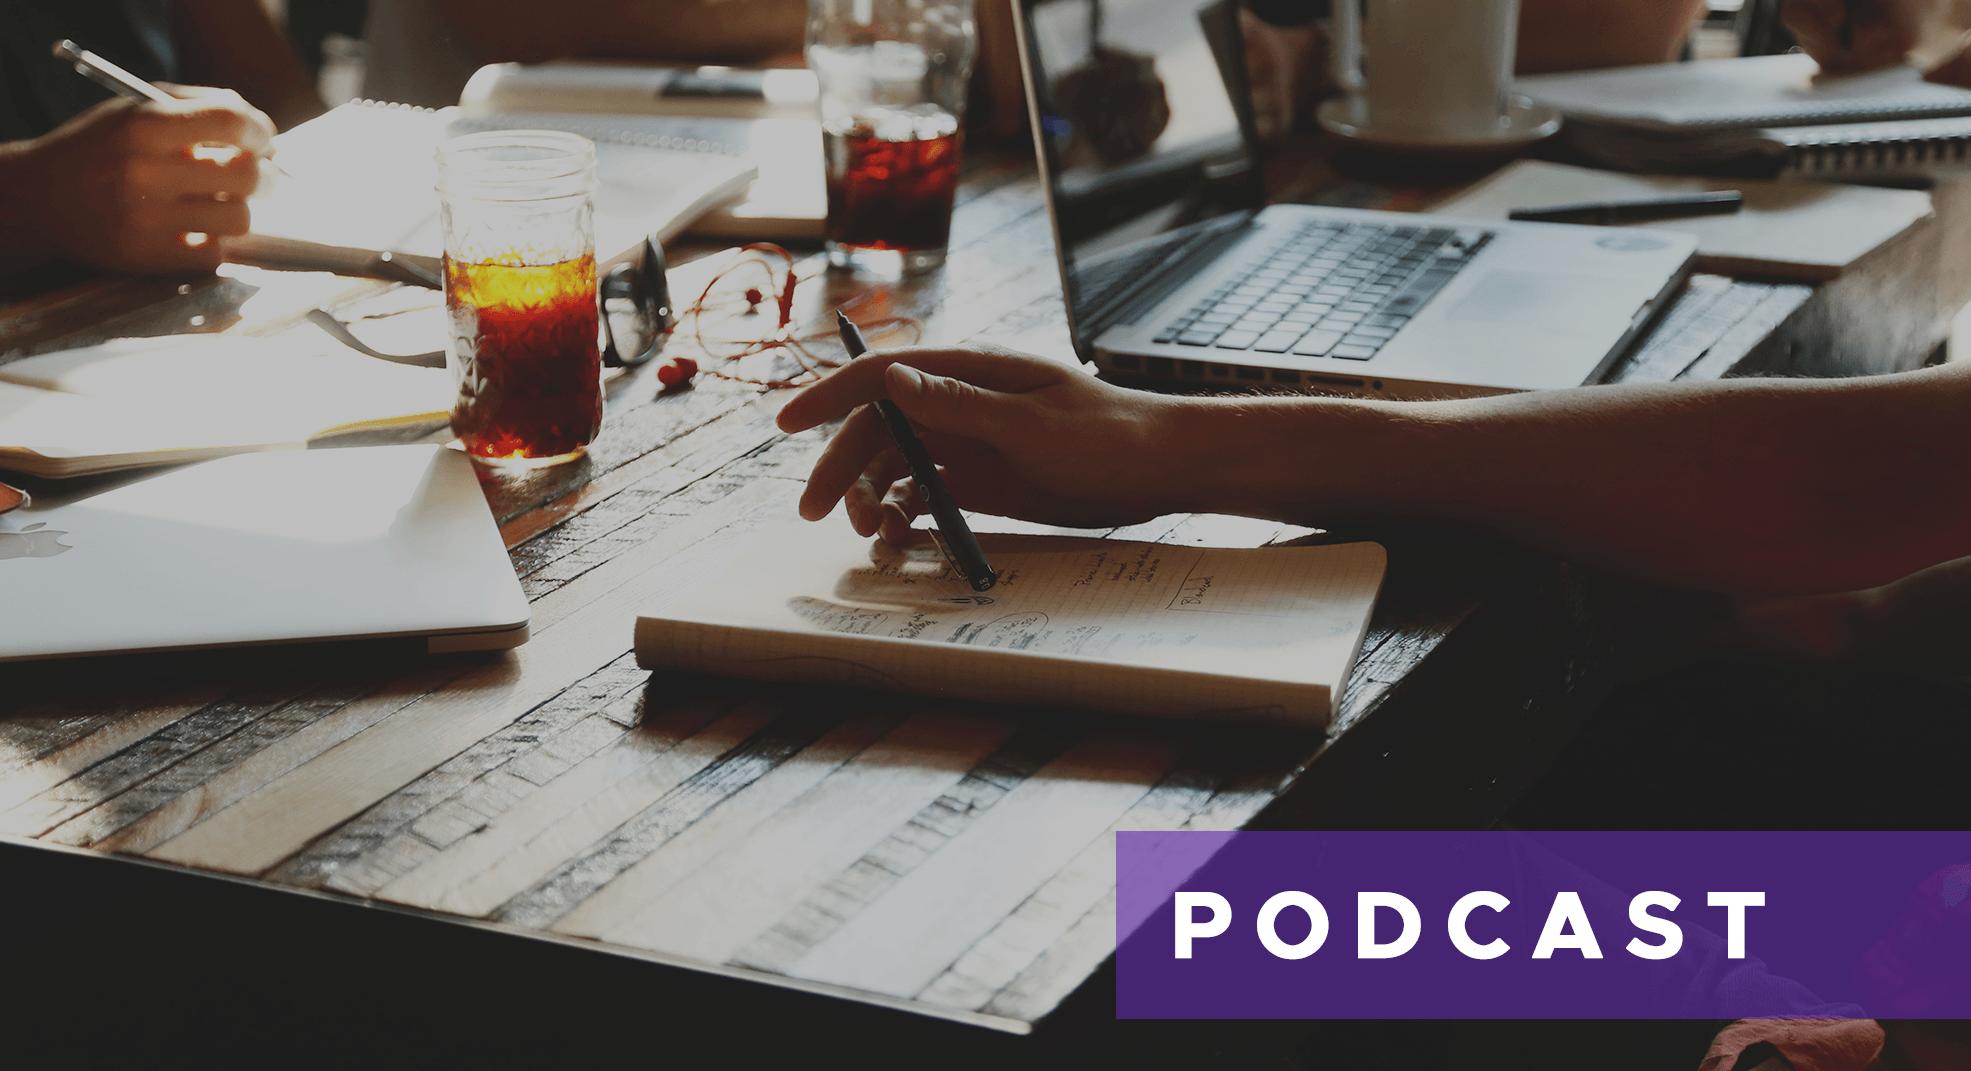 EP 4: Herramientas y estrategias para un negocio exitoso